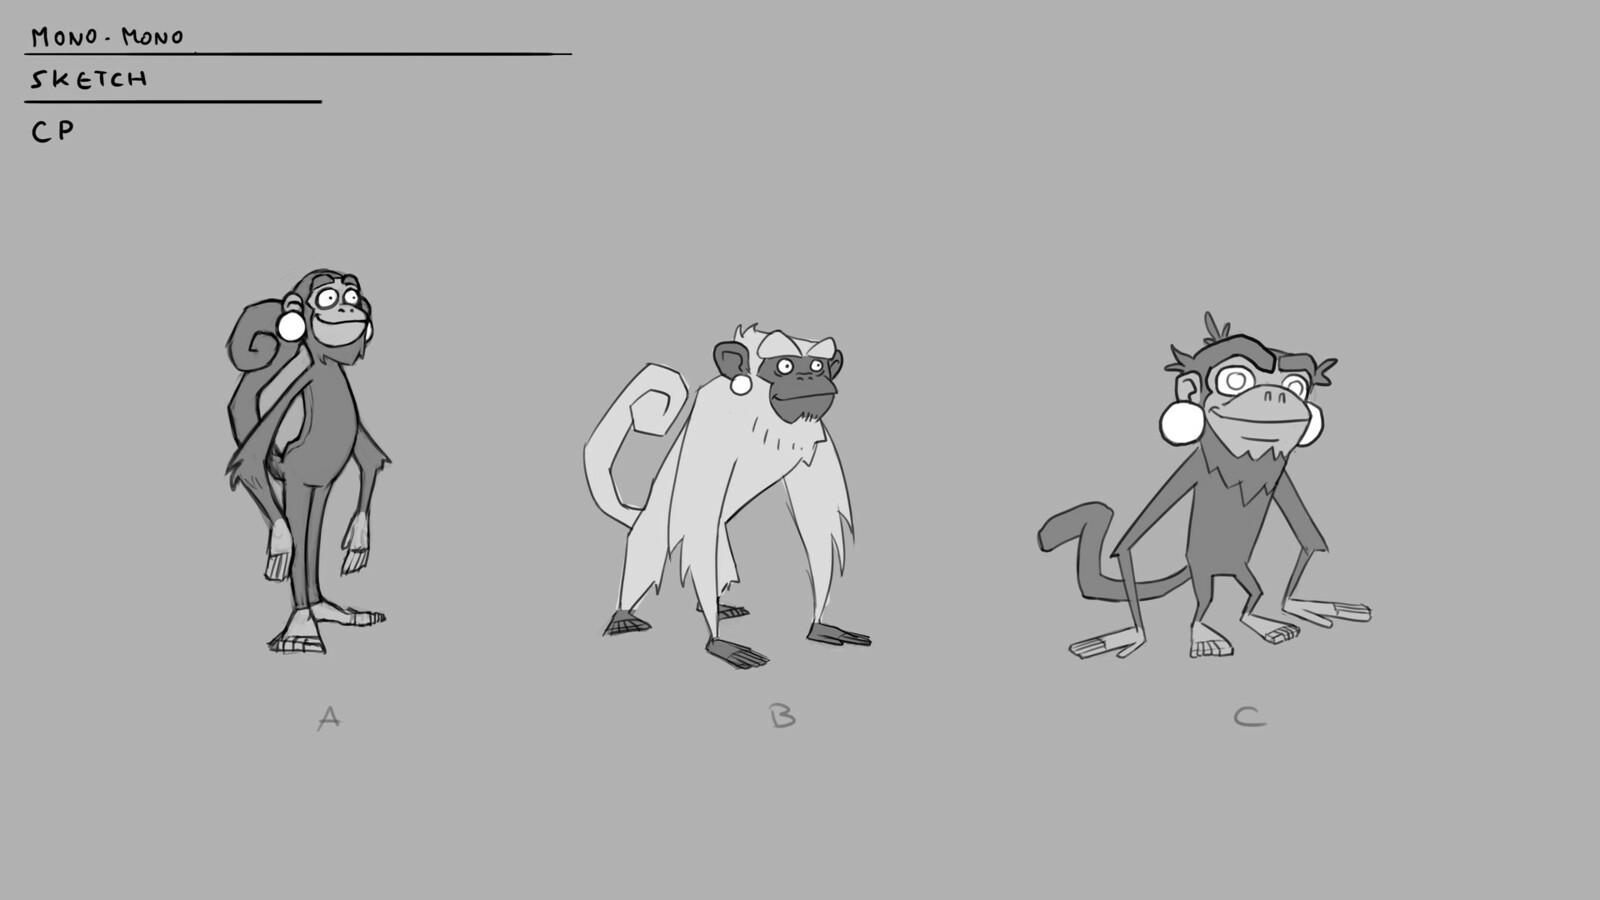 Designs for Mono Mono.